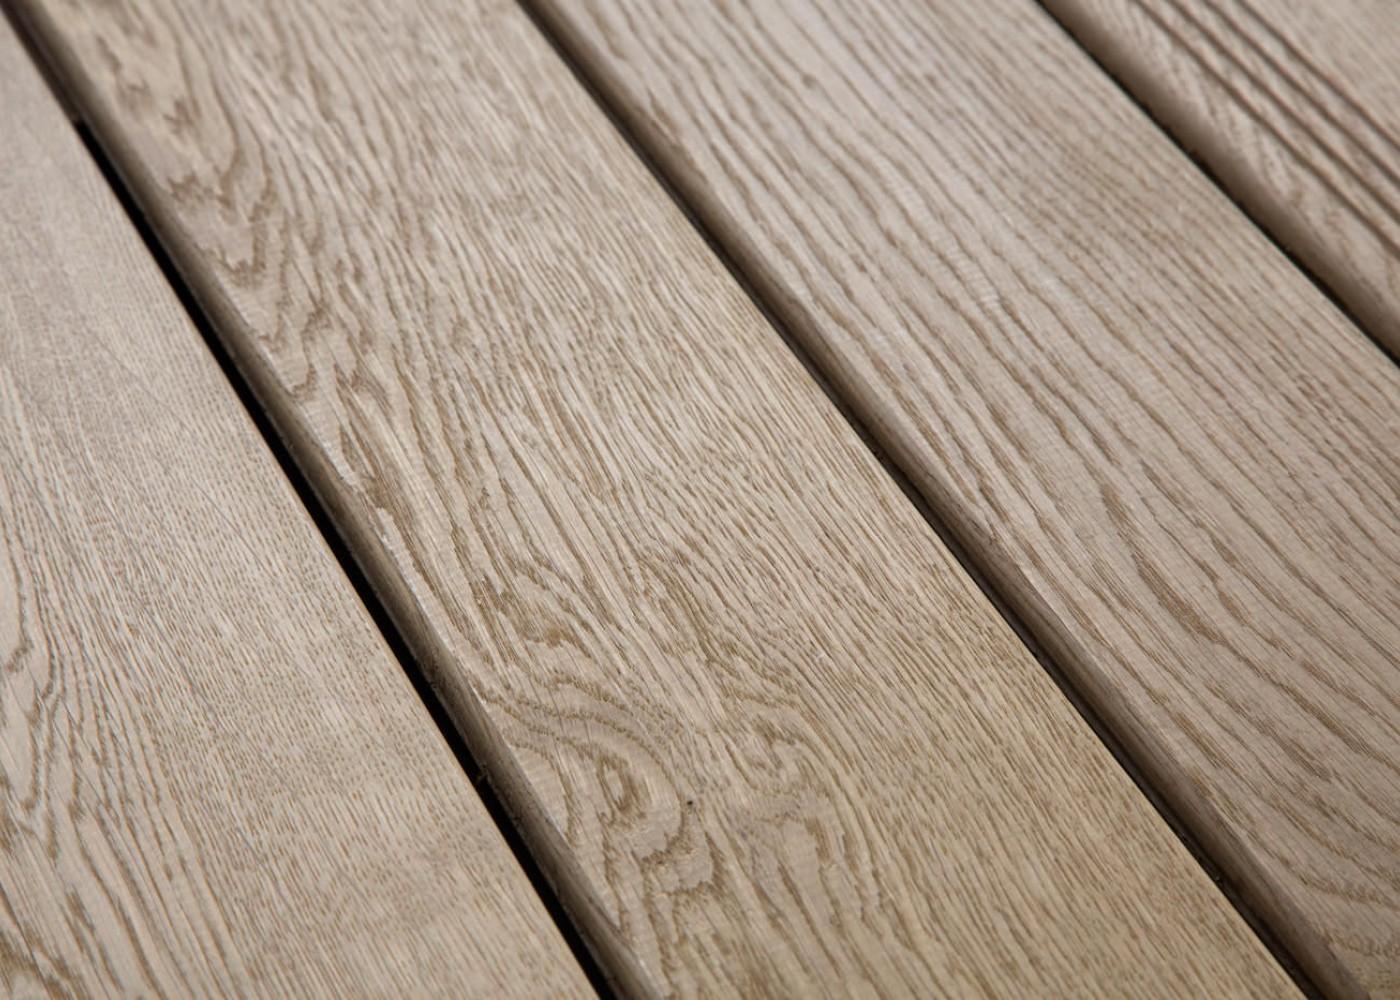 Lame Terrasse Chêne Massif Fixation Invisible ou à Visser 1 Face Lisse / 1 Face Antidérapante Profil Peigné - Ep:21mm 21x120